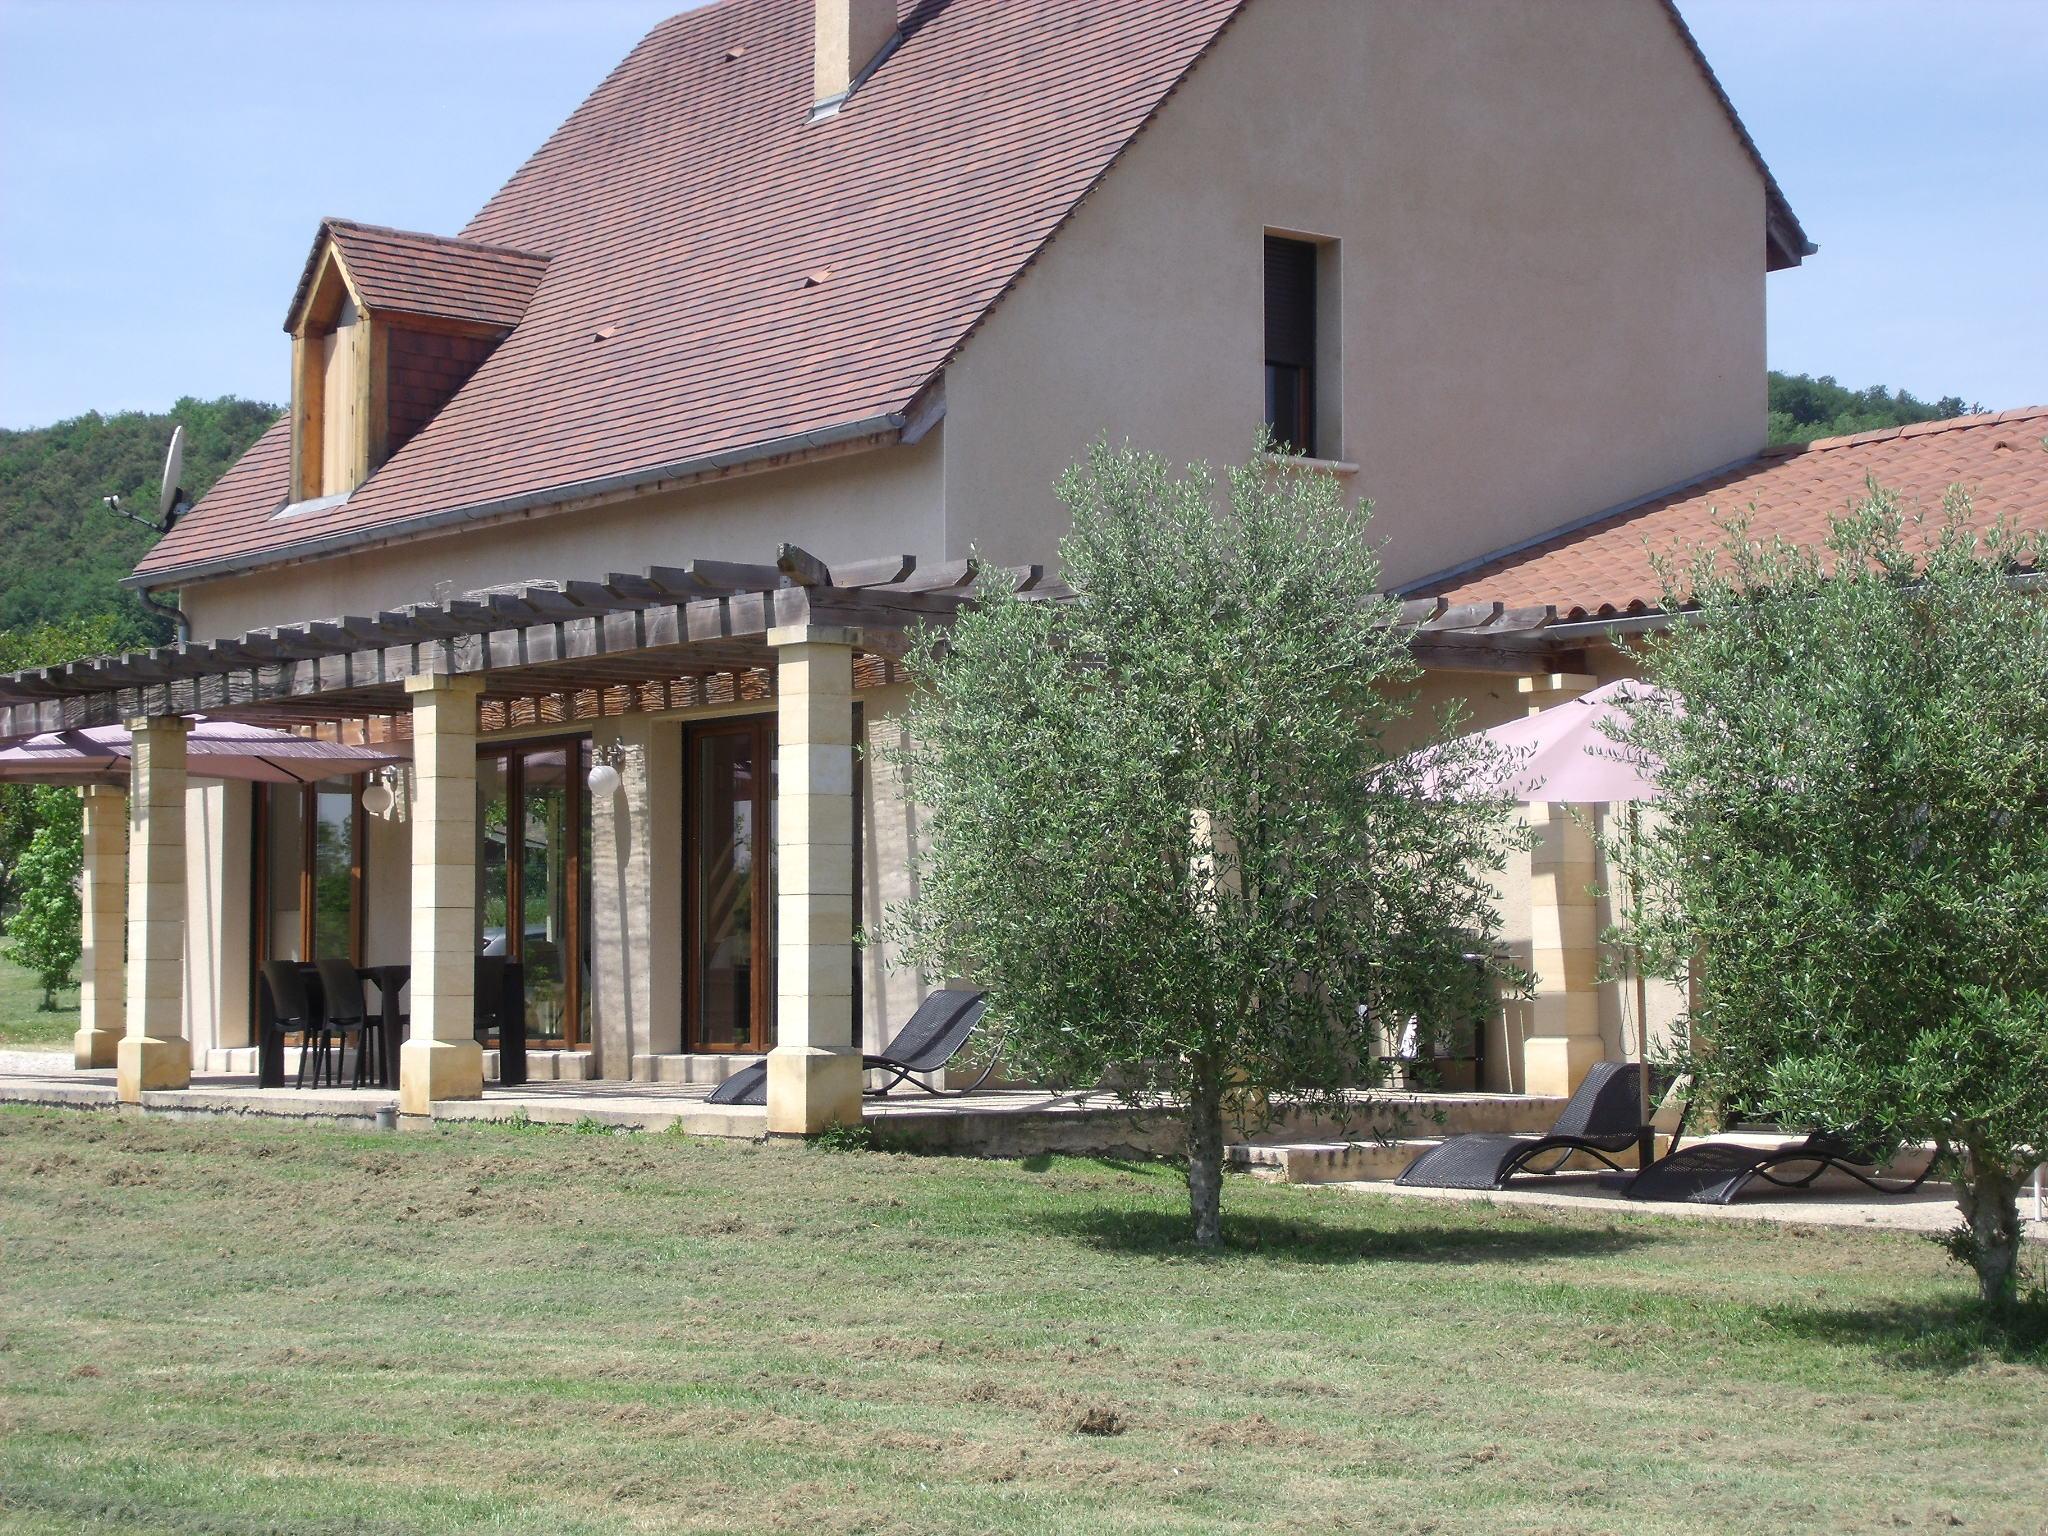 Maison Avec Piscine Interieure Couverte Chauffee Roque ... intérieur Location Avec Piscine Intérieure Chauffée Privée